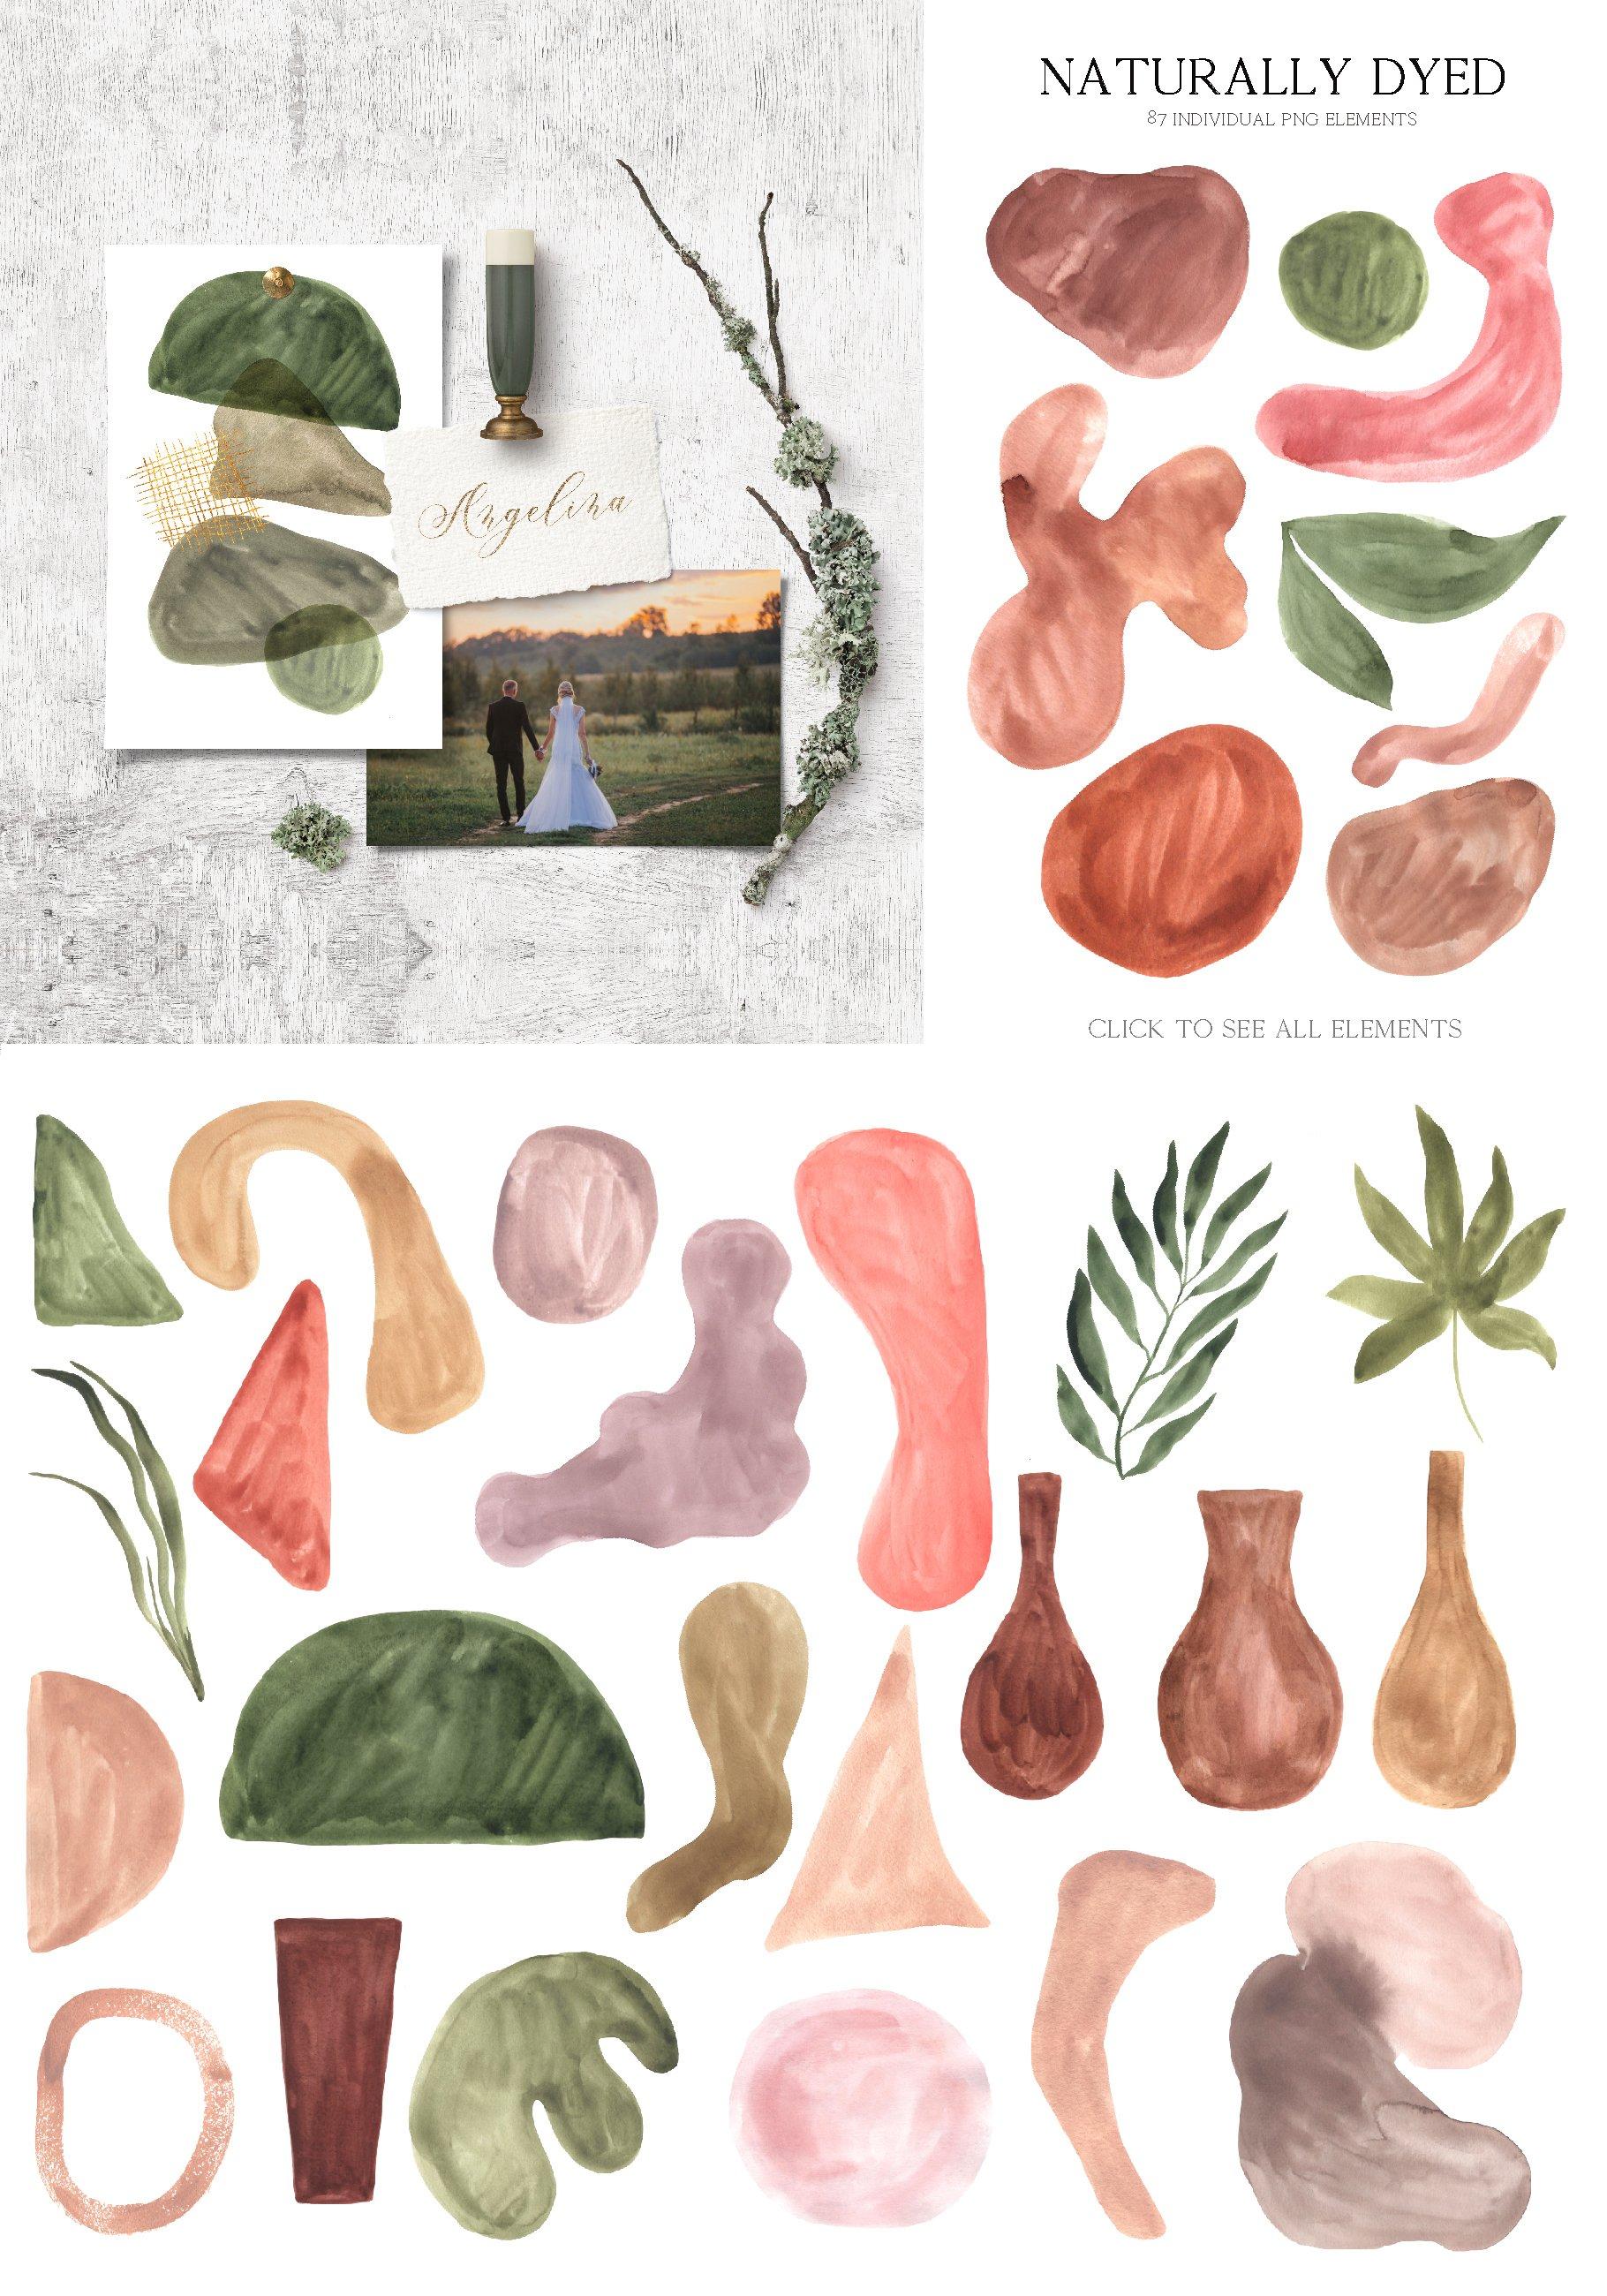 现代抽象水彩手绘植物花卉图案插画PNG免扣图片素材 Abstract Modern Watercolor Bundle插图(2)